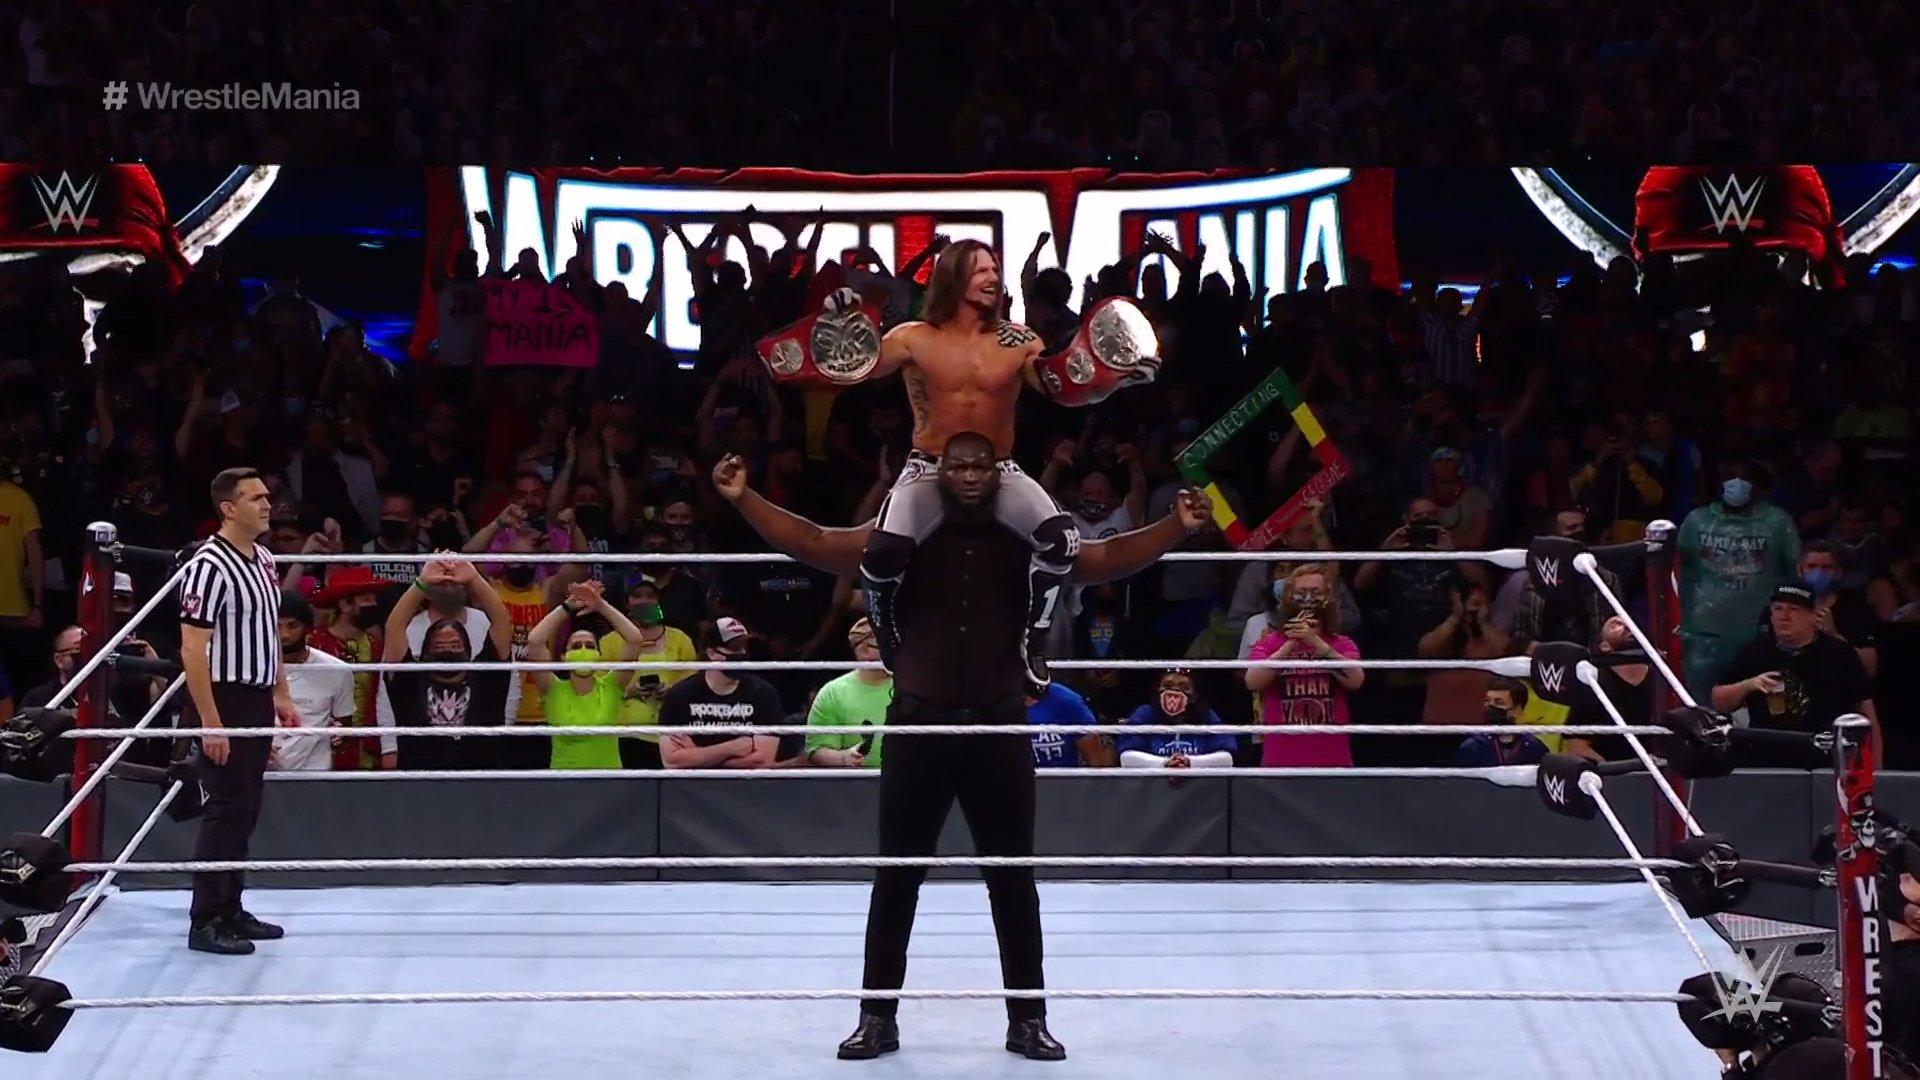 AJ & Omos nuevos campeones en pareja en este WrestleMania.